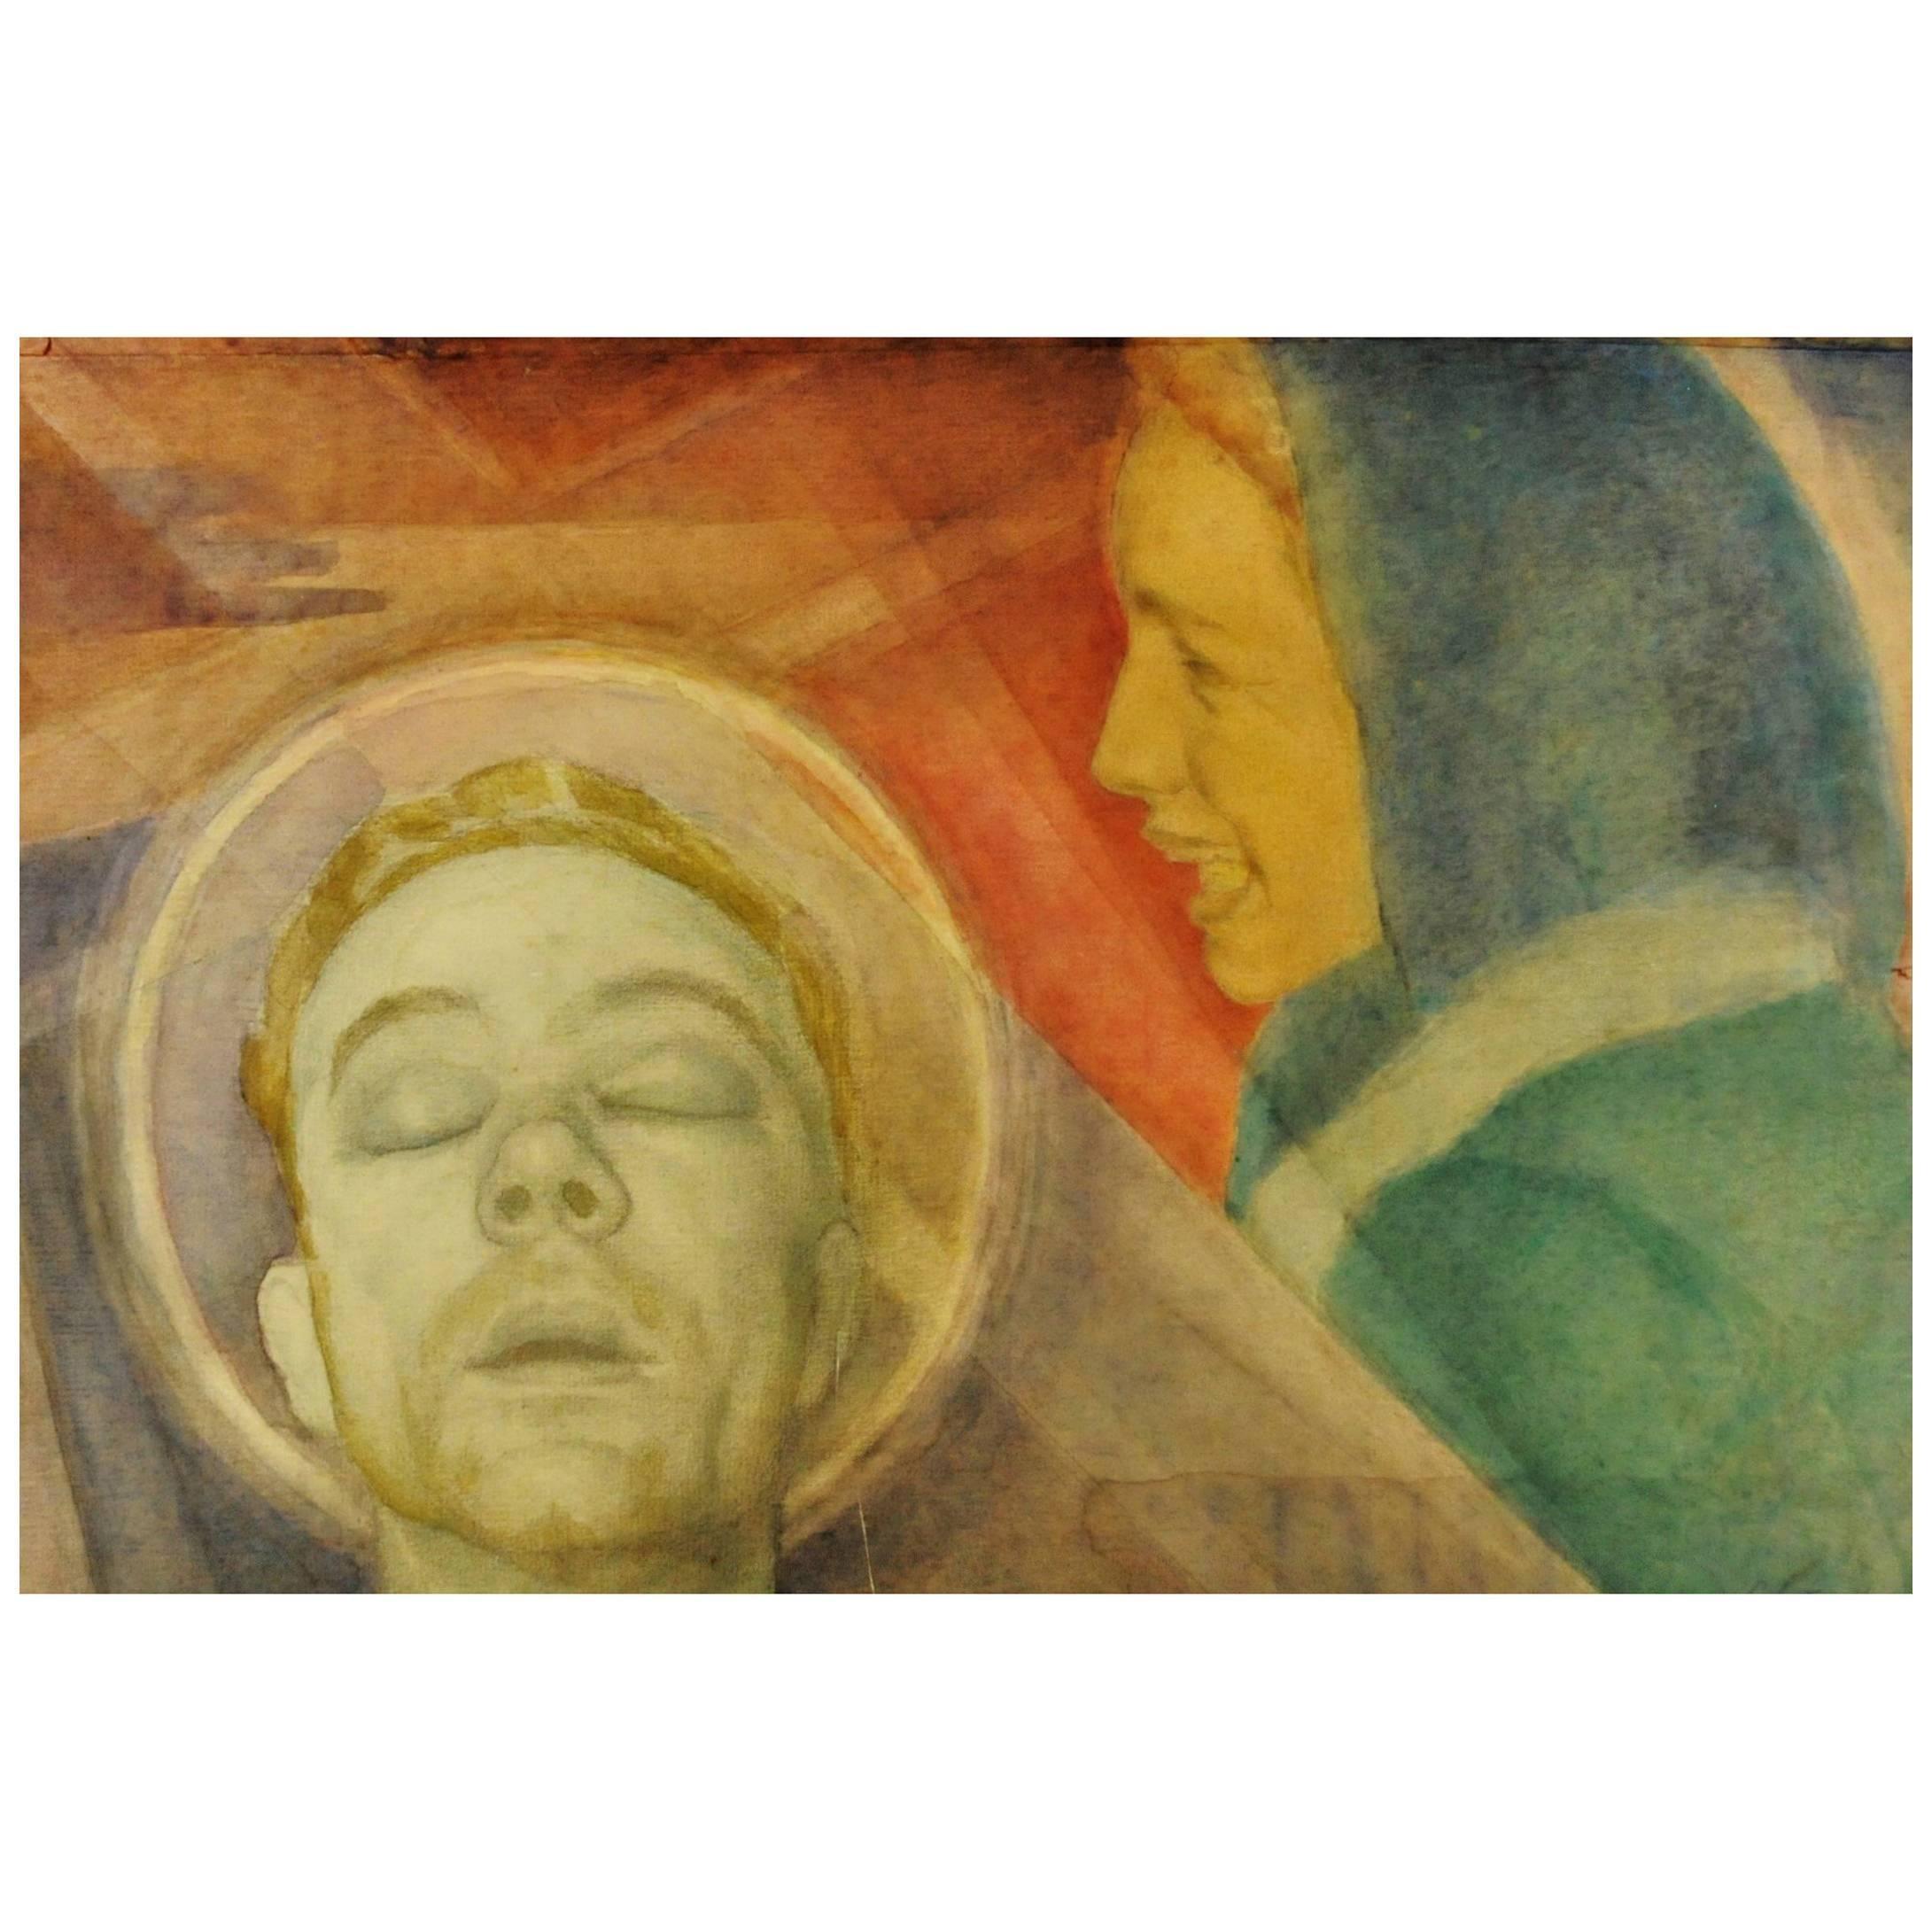 Boris Solotareff, Double-Portrait, Watercolor and Gouache on Paper, 1920s